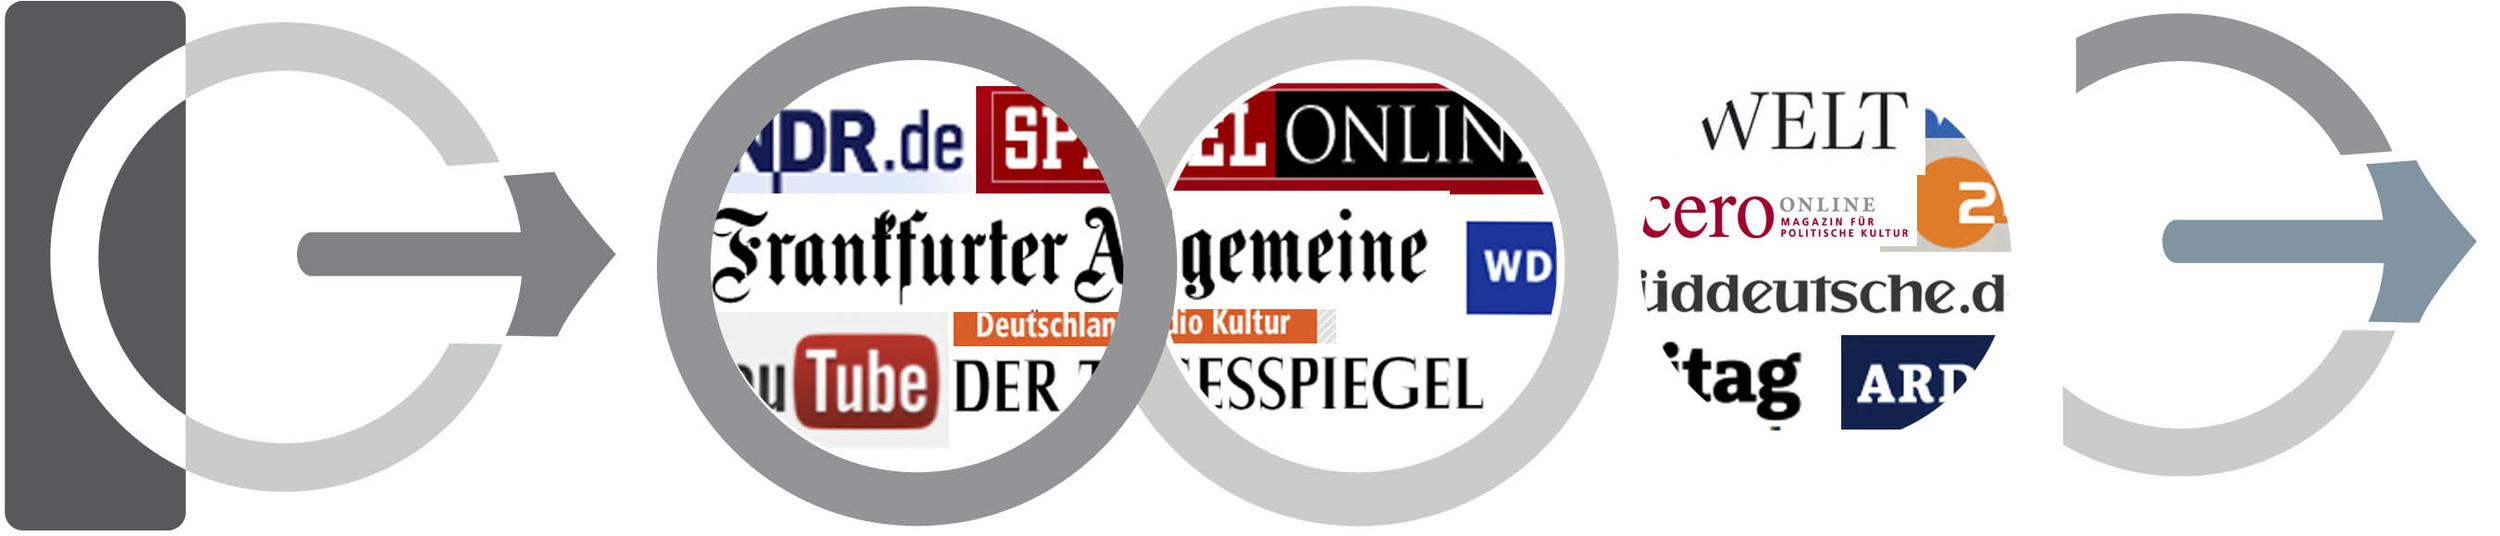 Hier finden Sie die original Beiträge der Debatte im Web